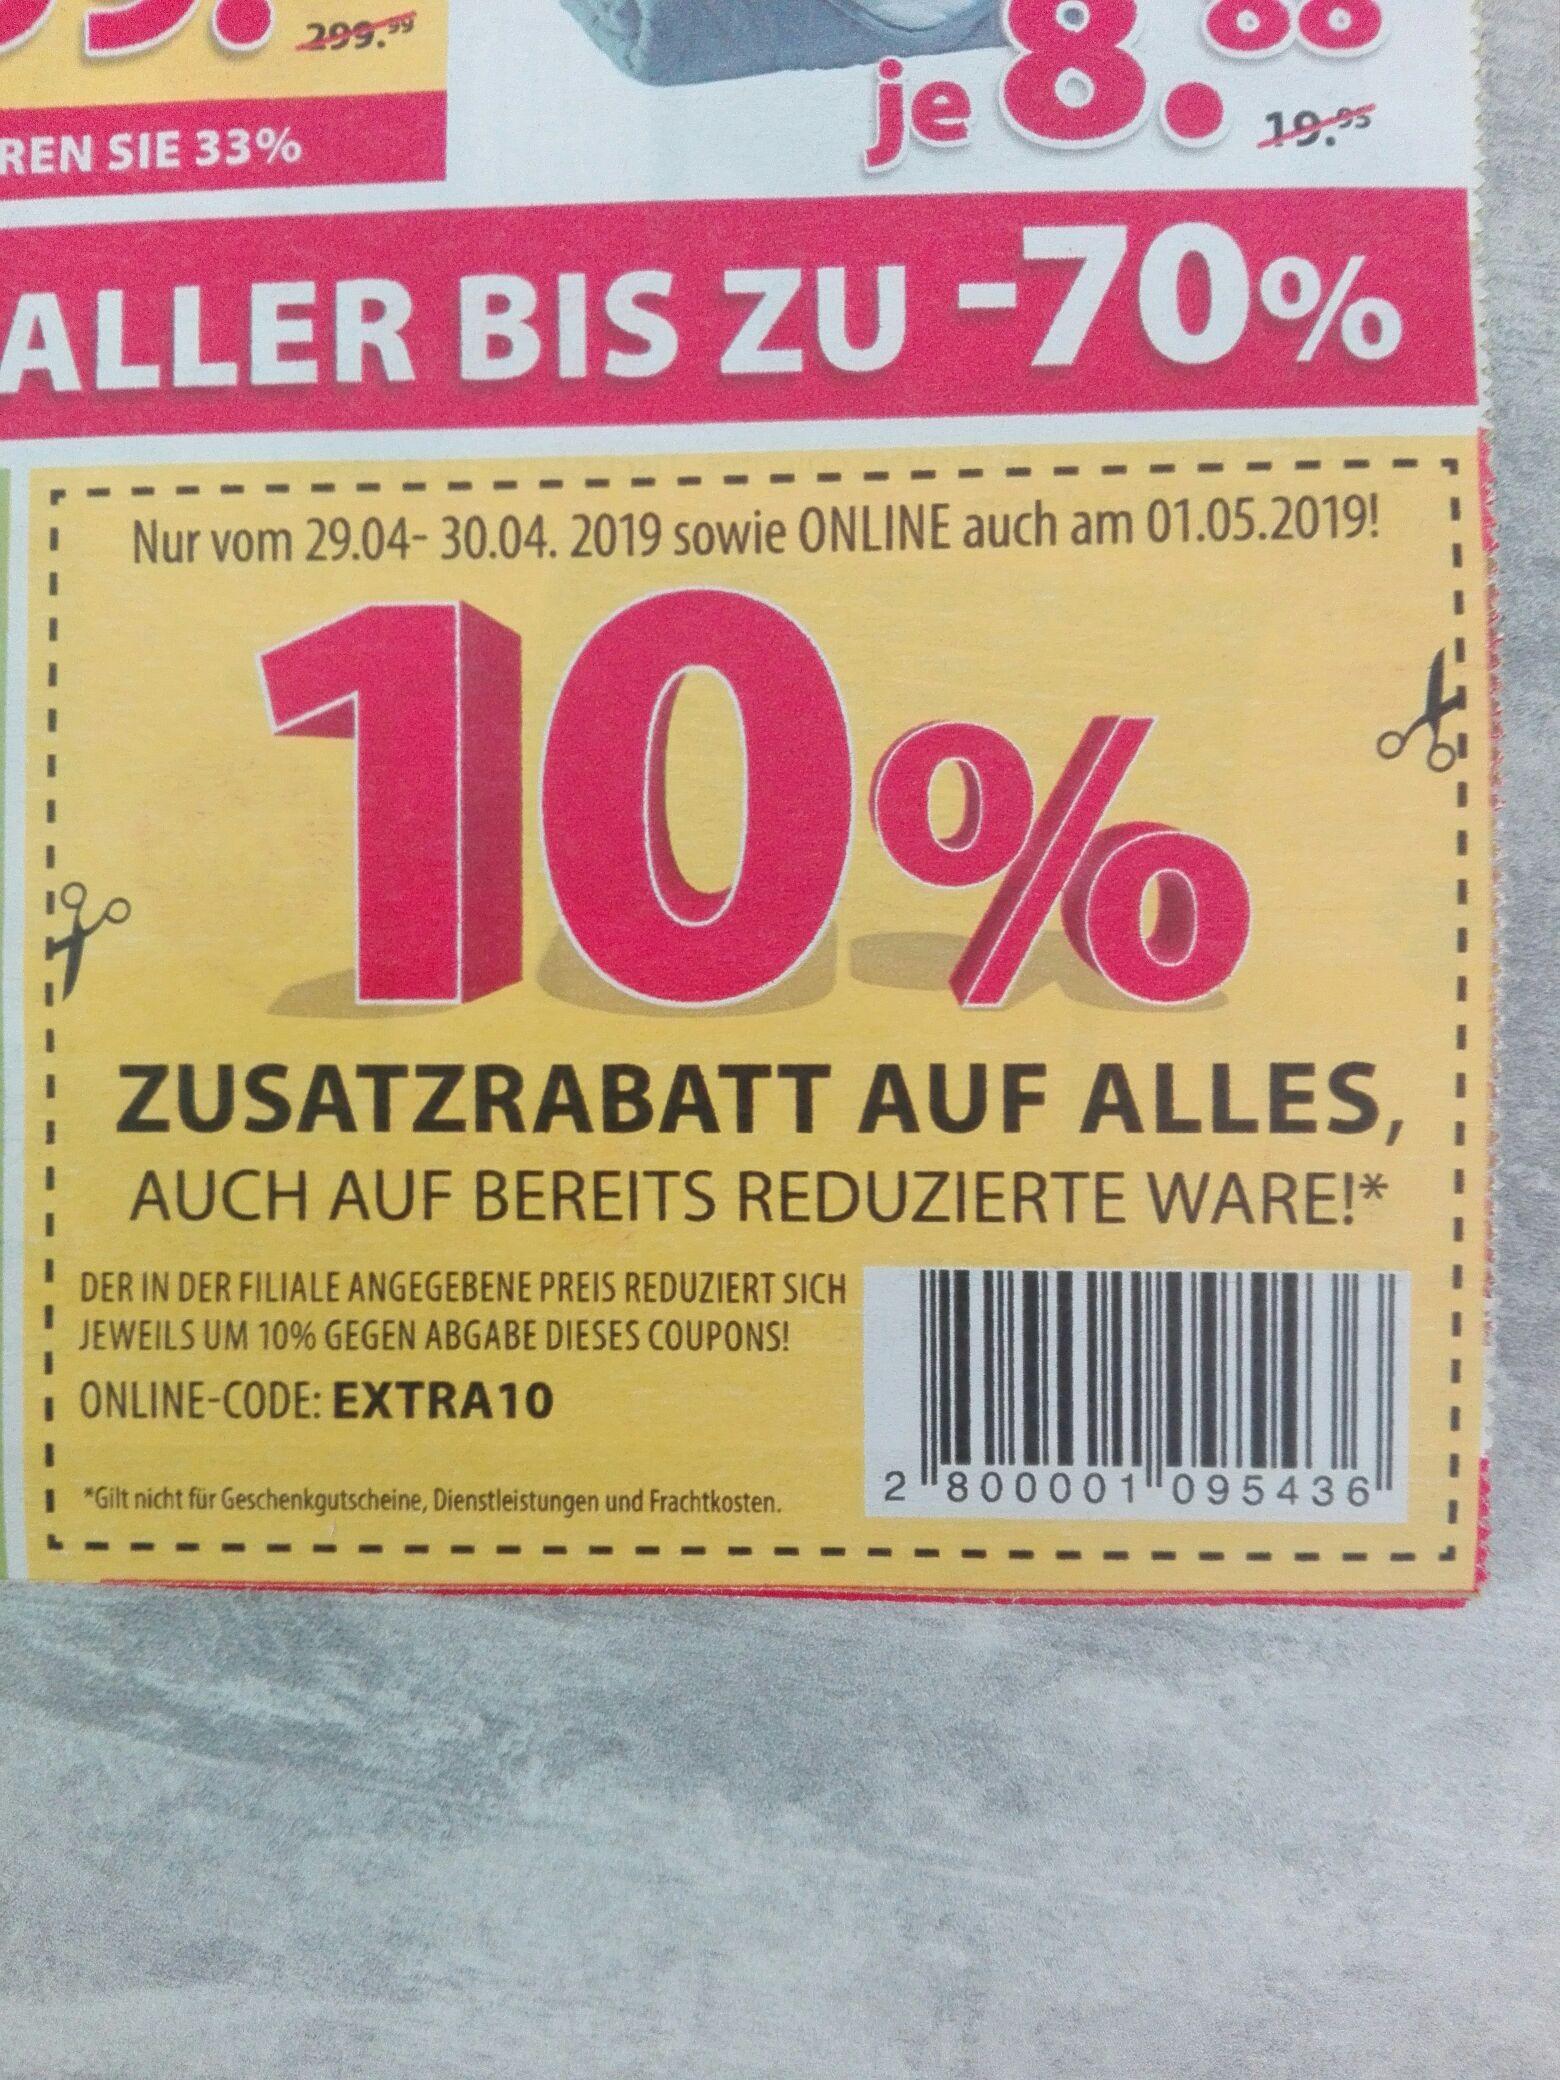 Dänisches Bettenlager 10%Rabatt vom 29.04-01.05.19